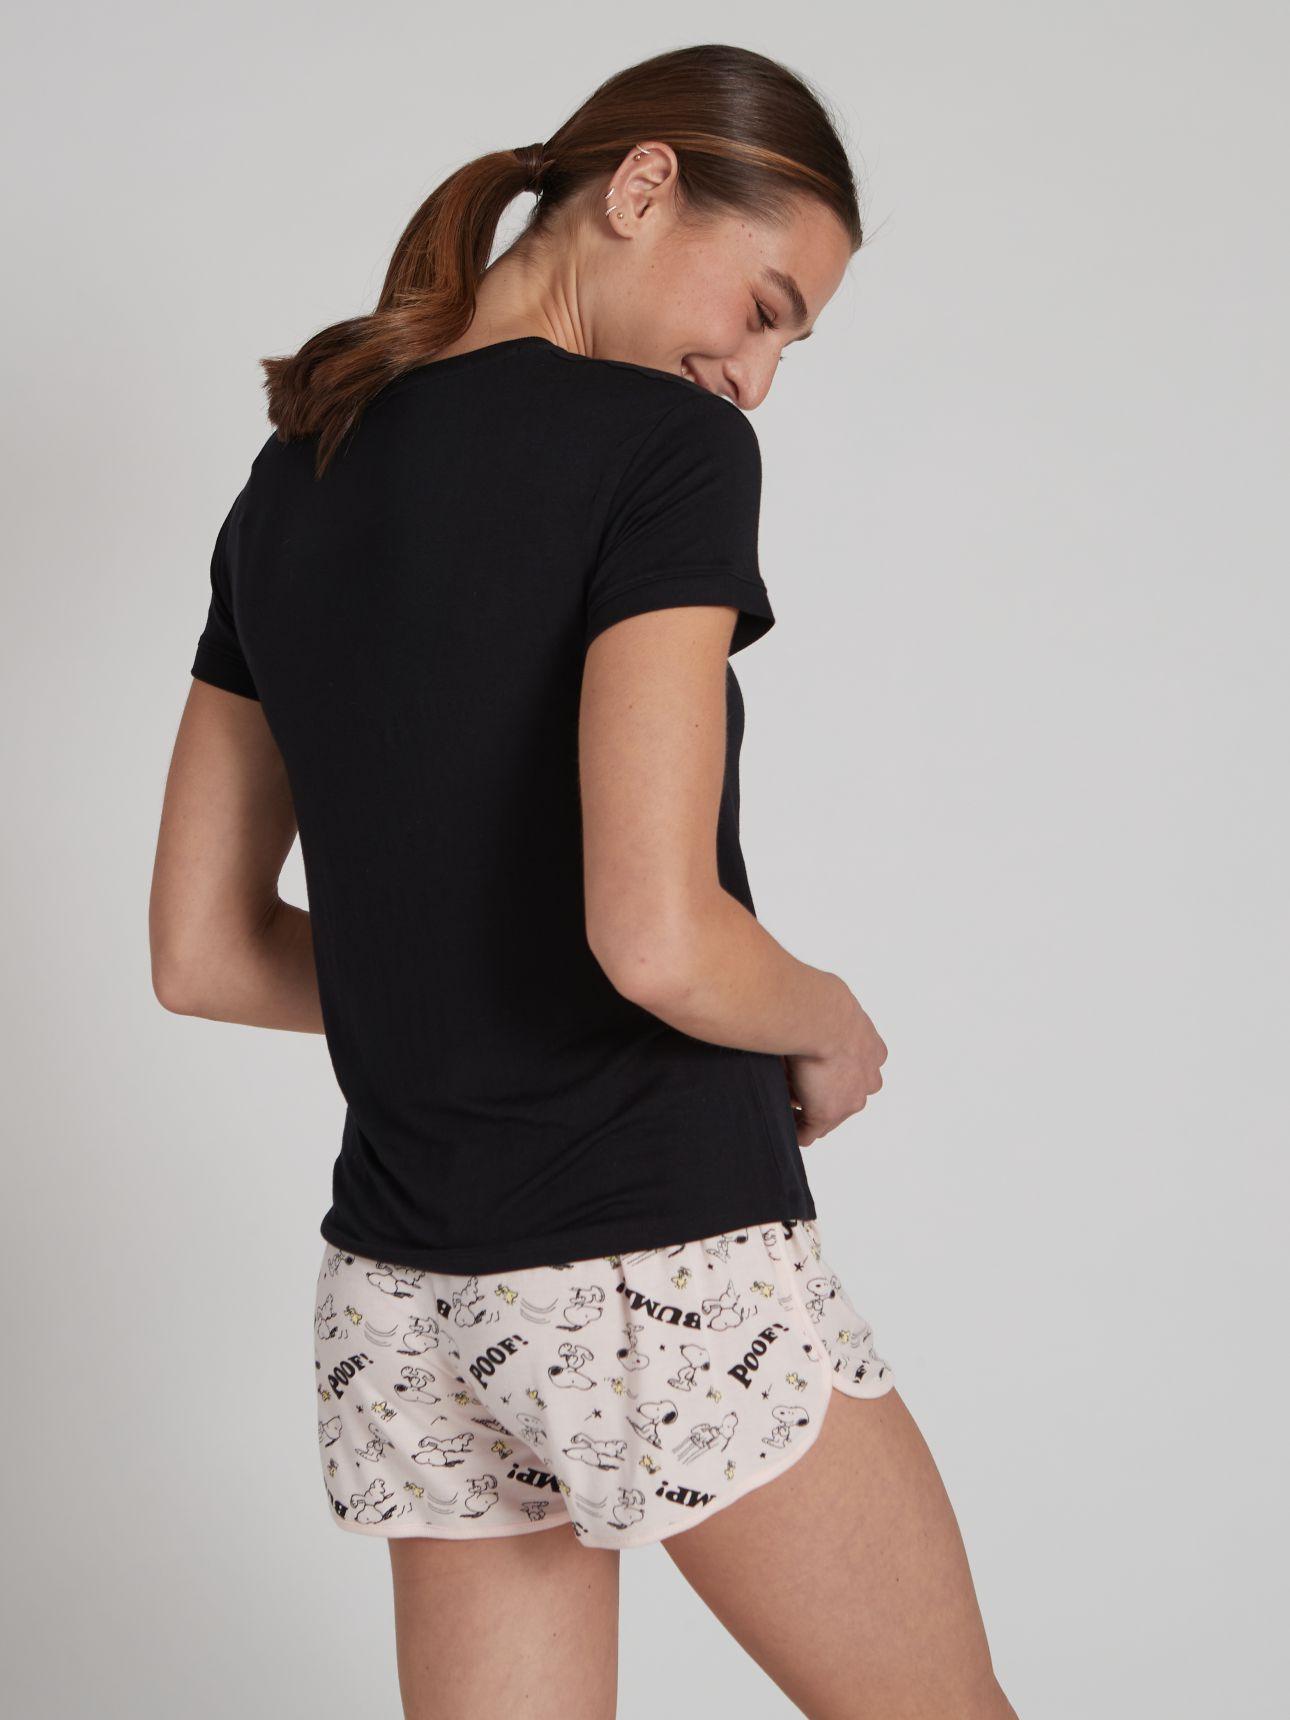 מכנסיים קצרים SNOOPY בצבע ורוד בהיר